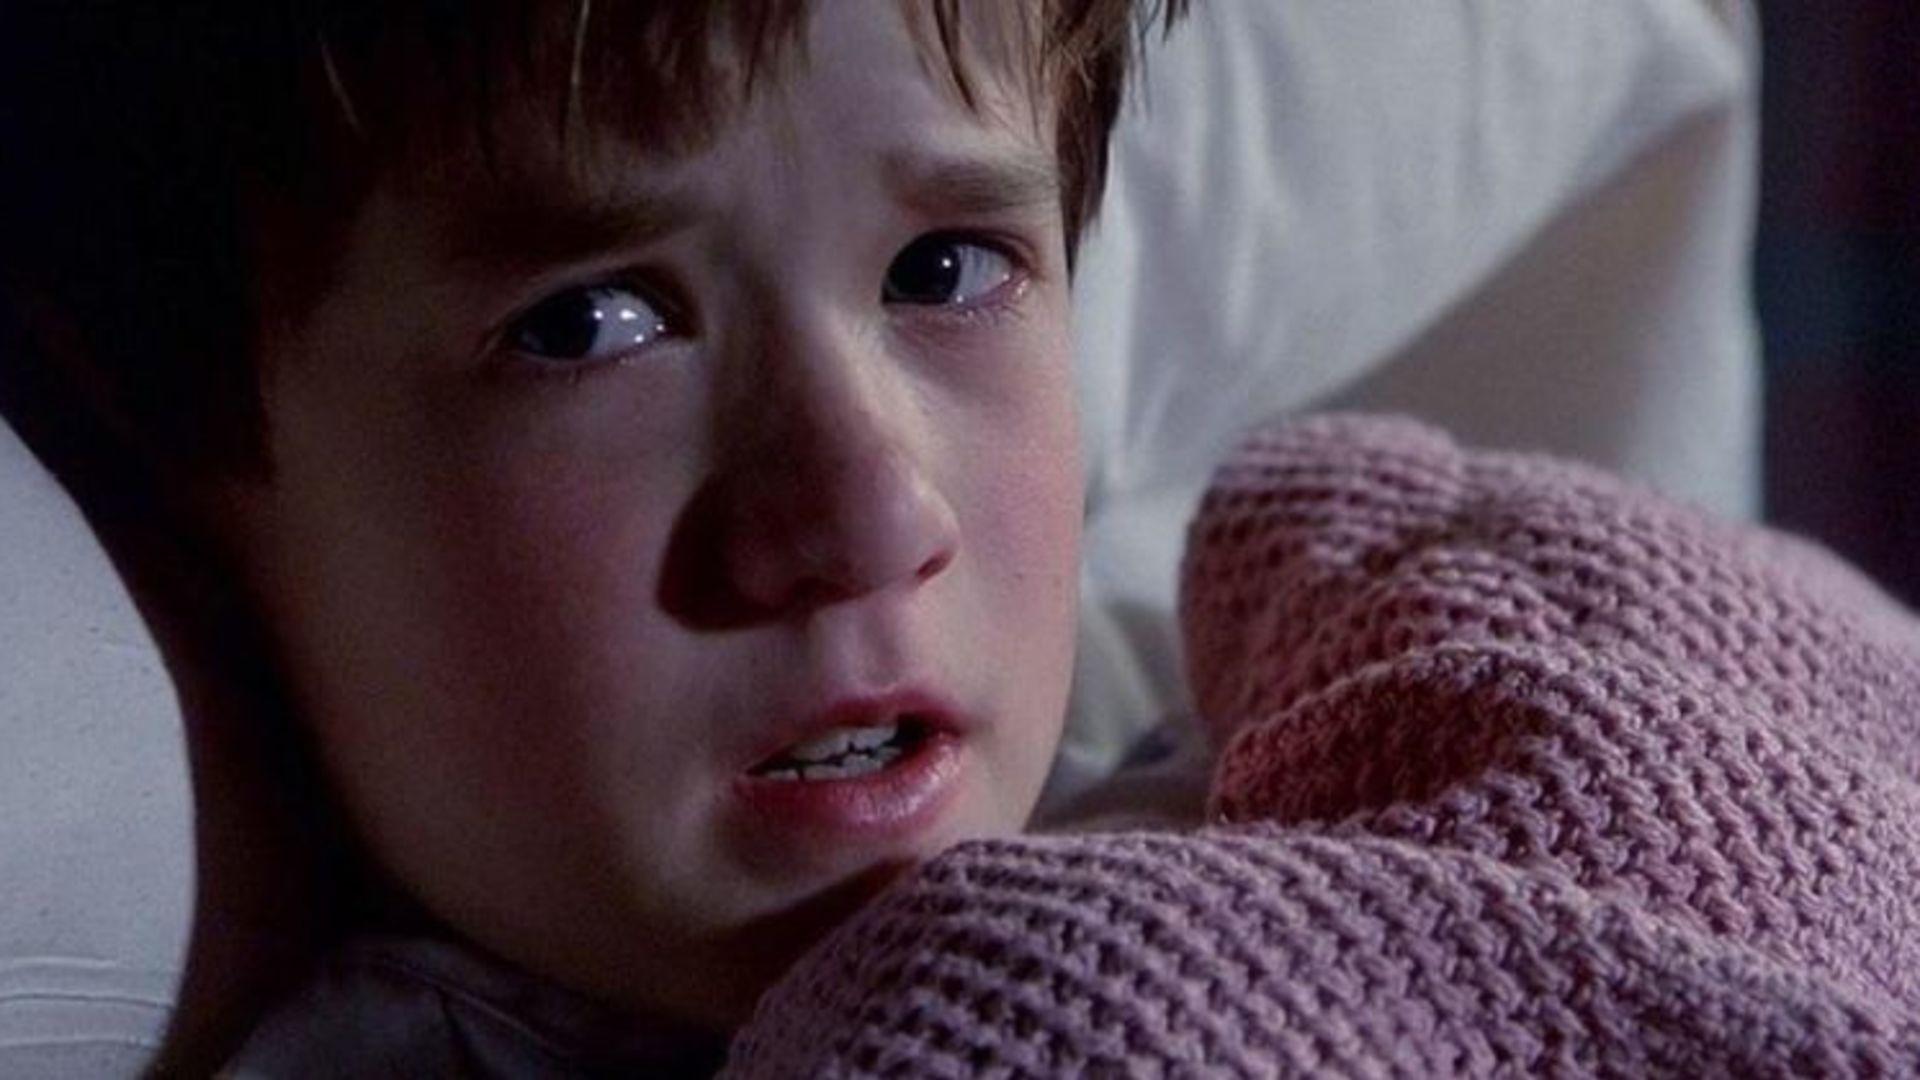 Mystery-klassieker 'The Sixth Sense' vanavond op Veronica